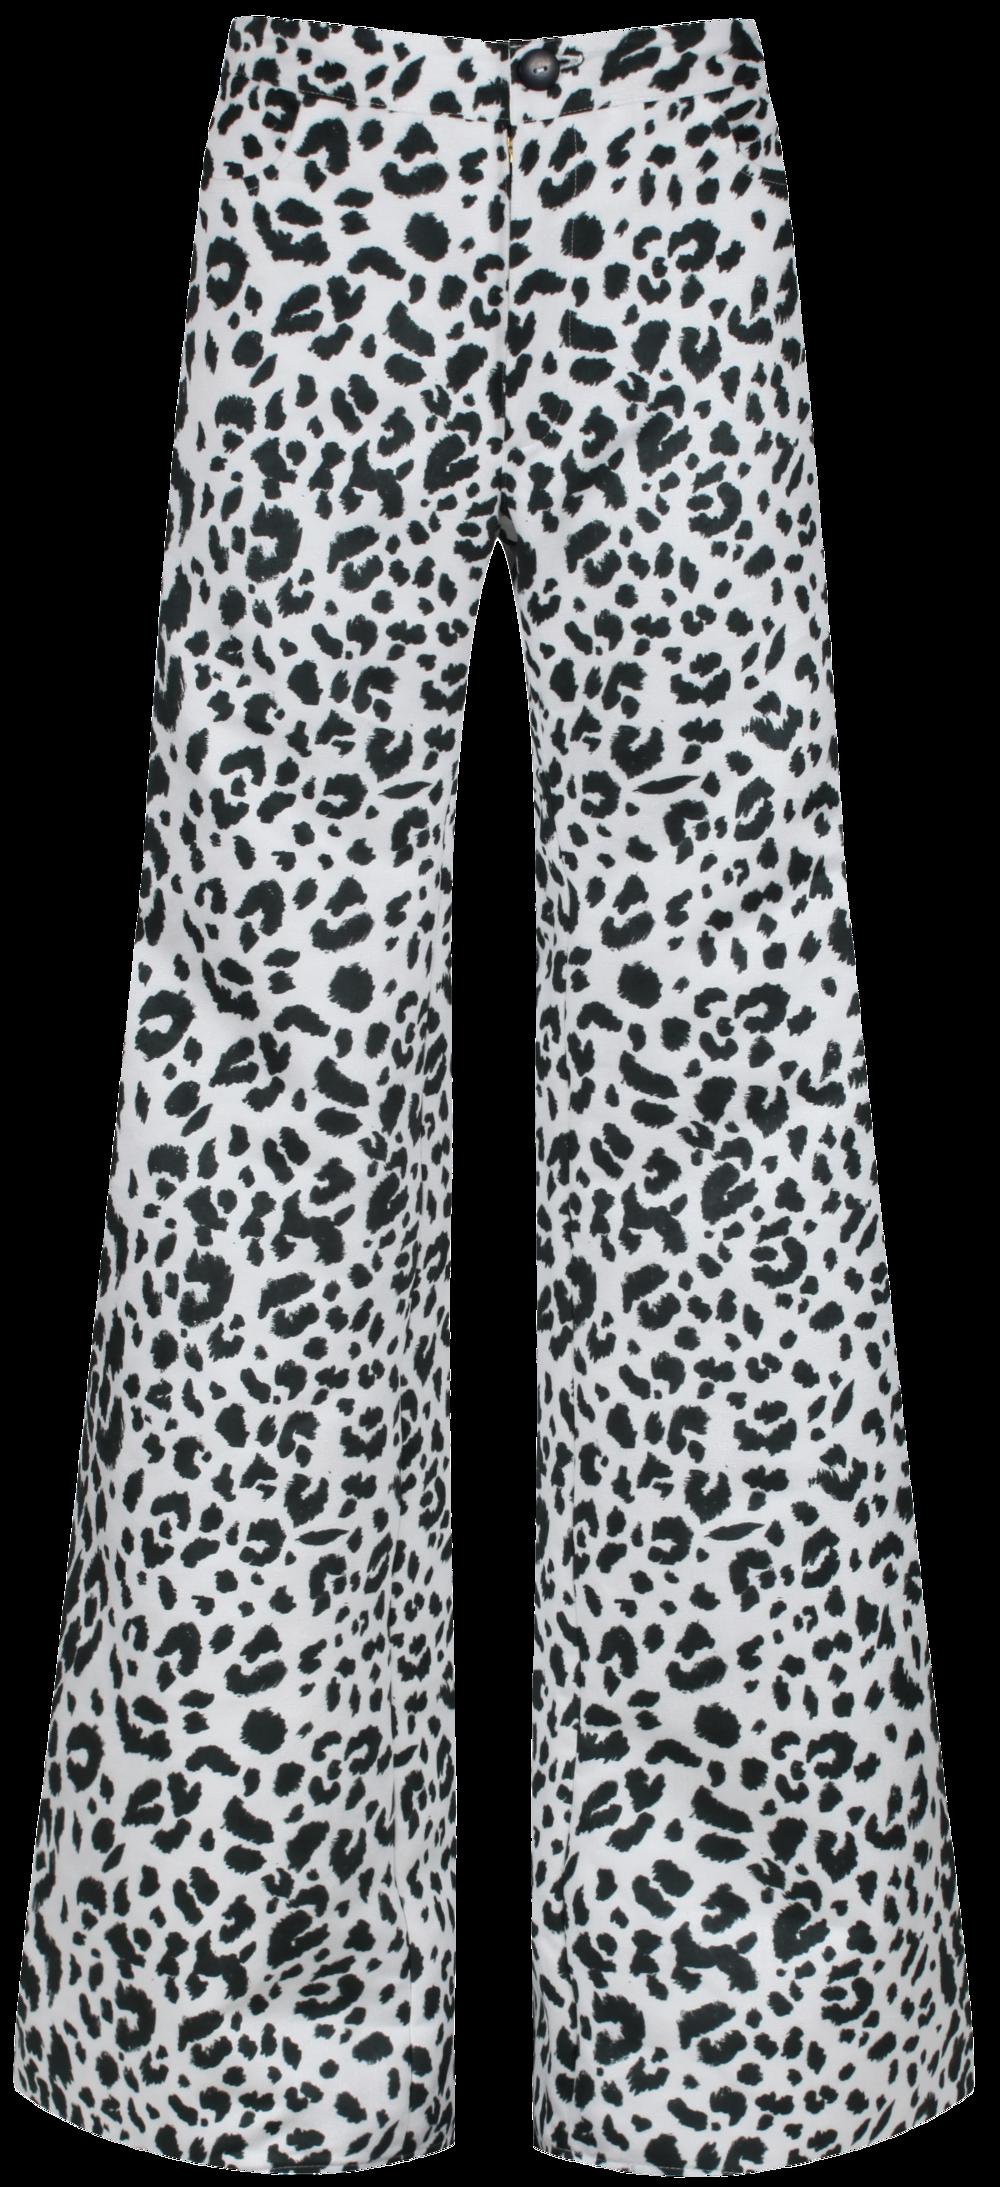 Luna PRINT Trousers - Zabor - SHOP NOW